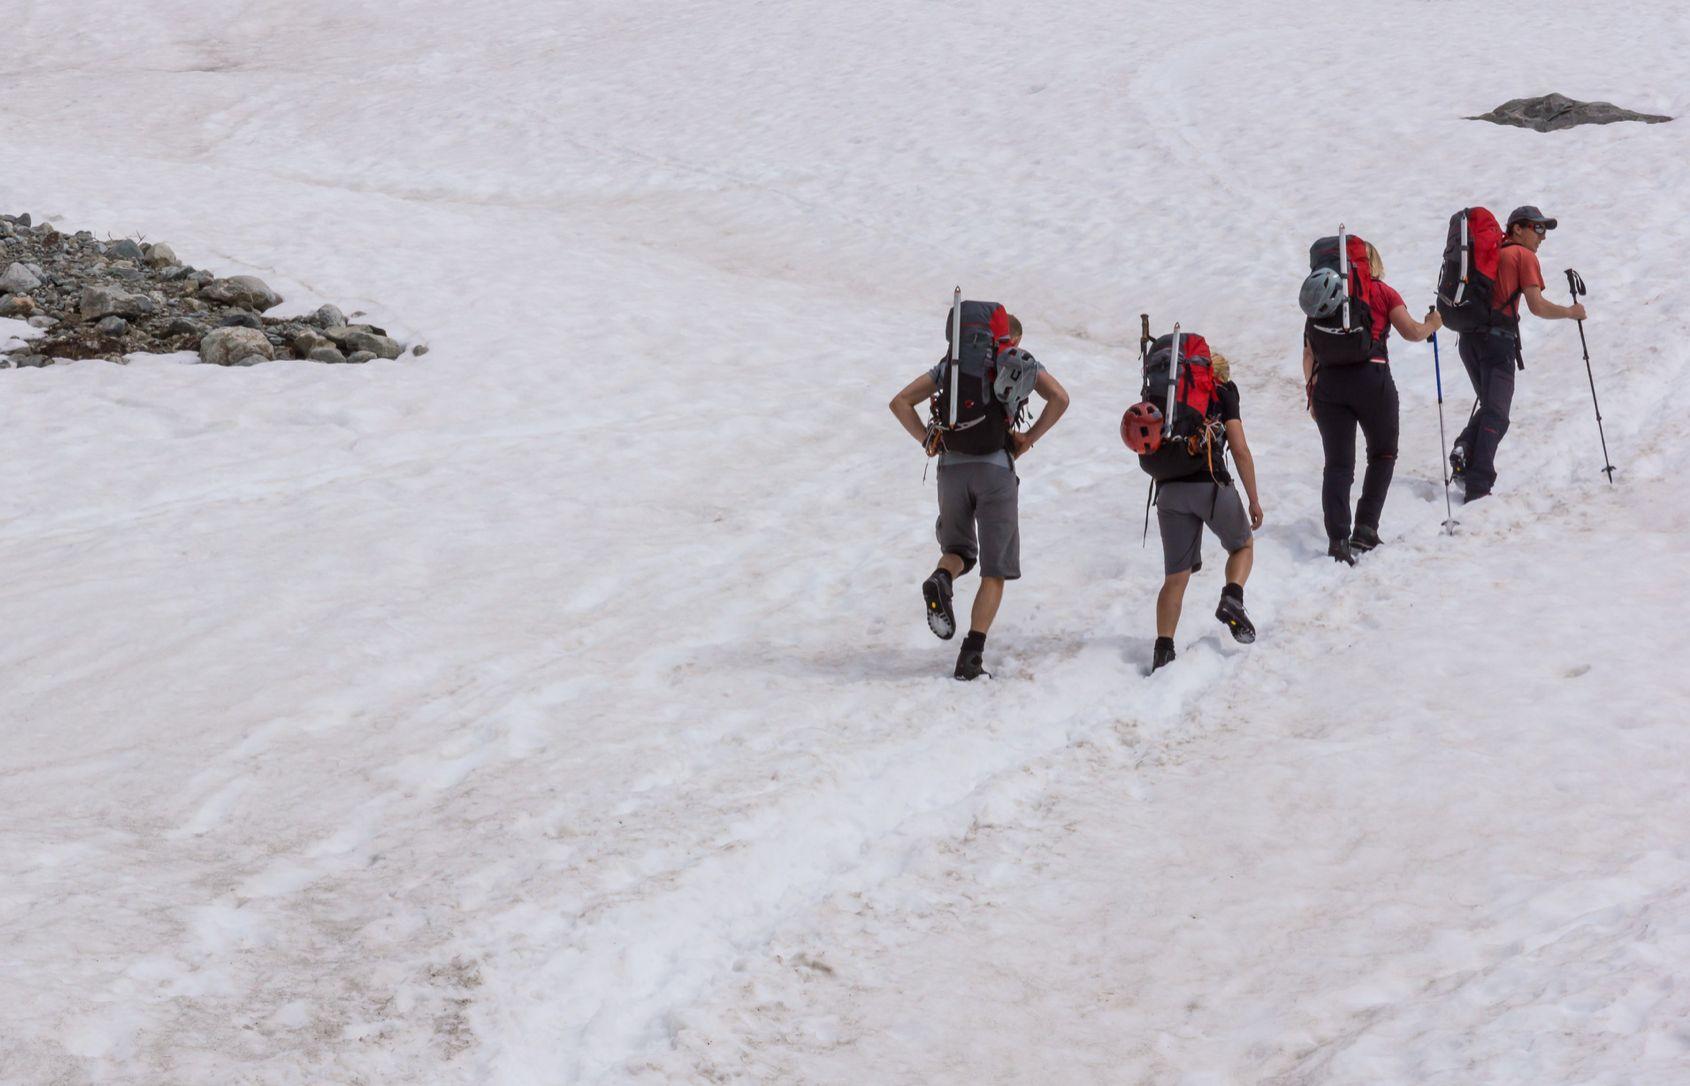 Wandelaars let op: nog veel sneeuw in de Alpen